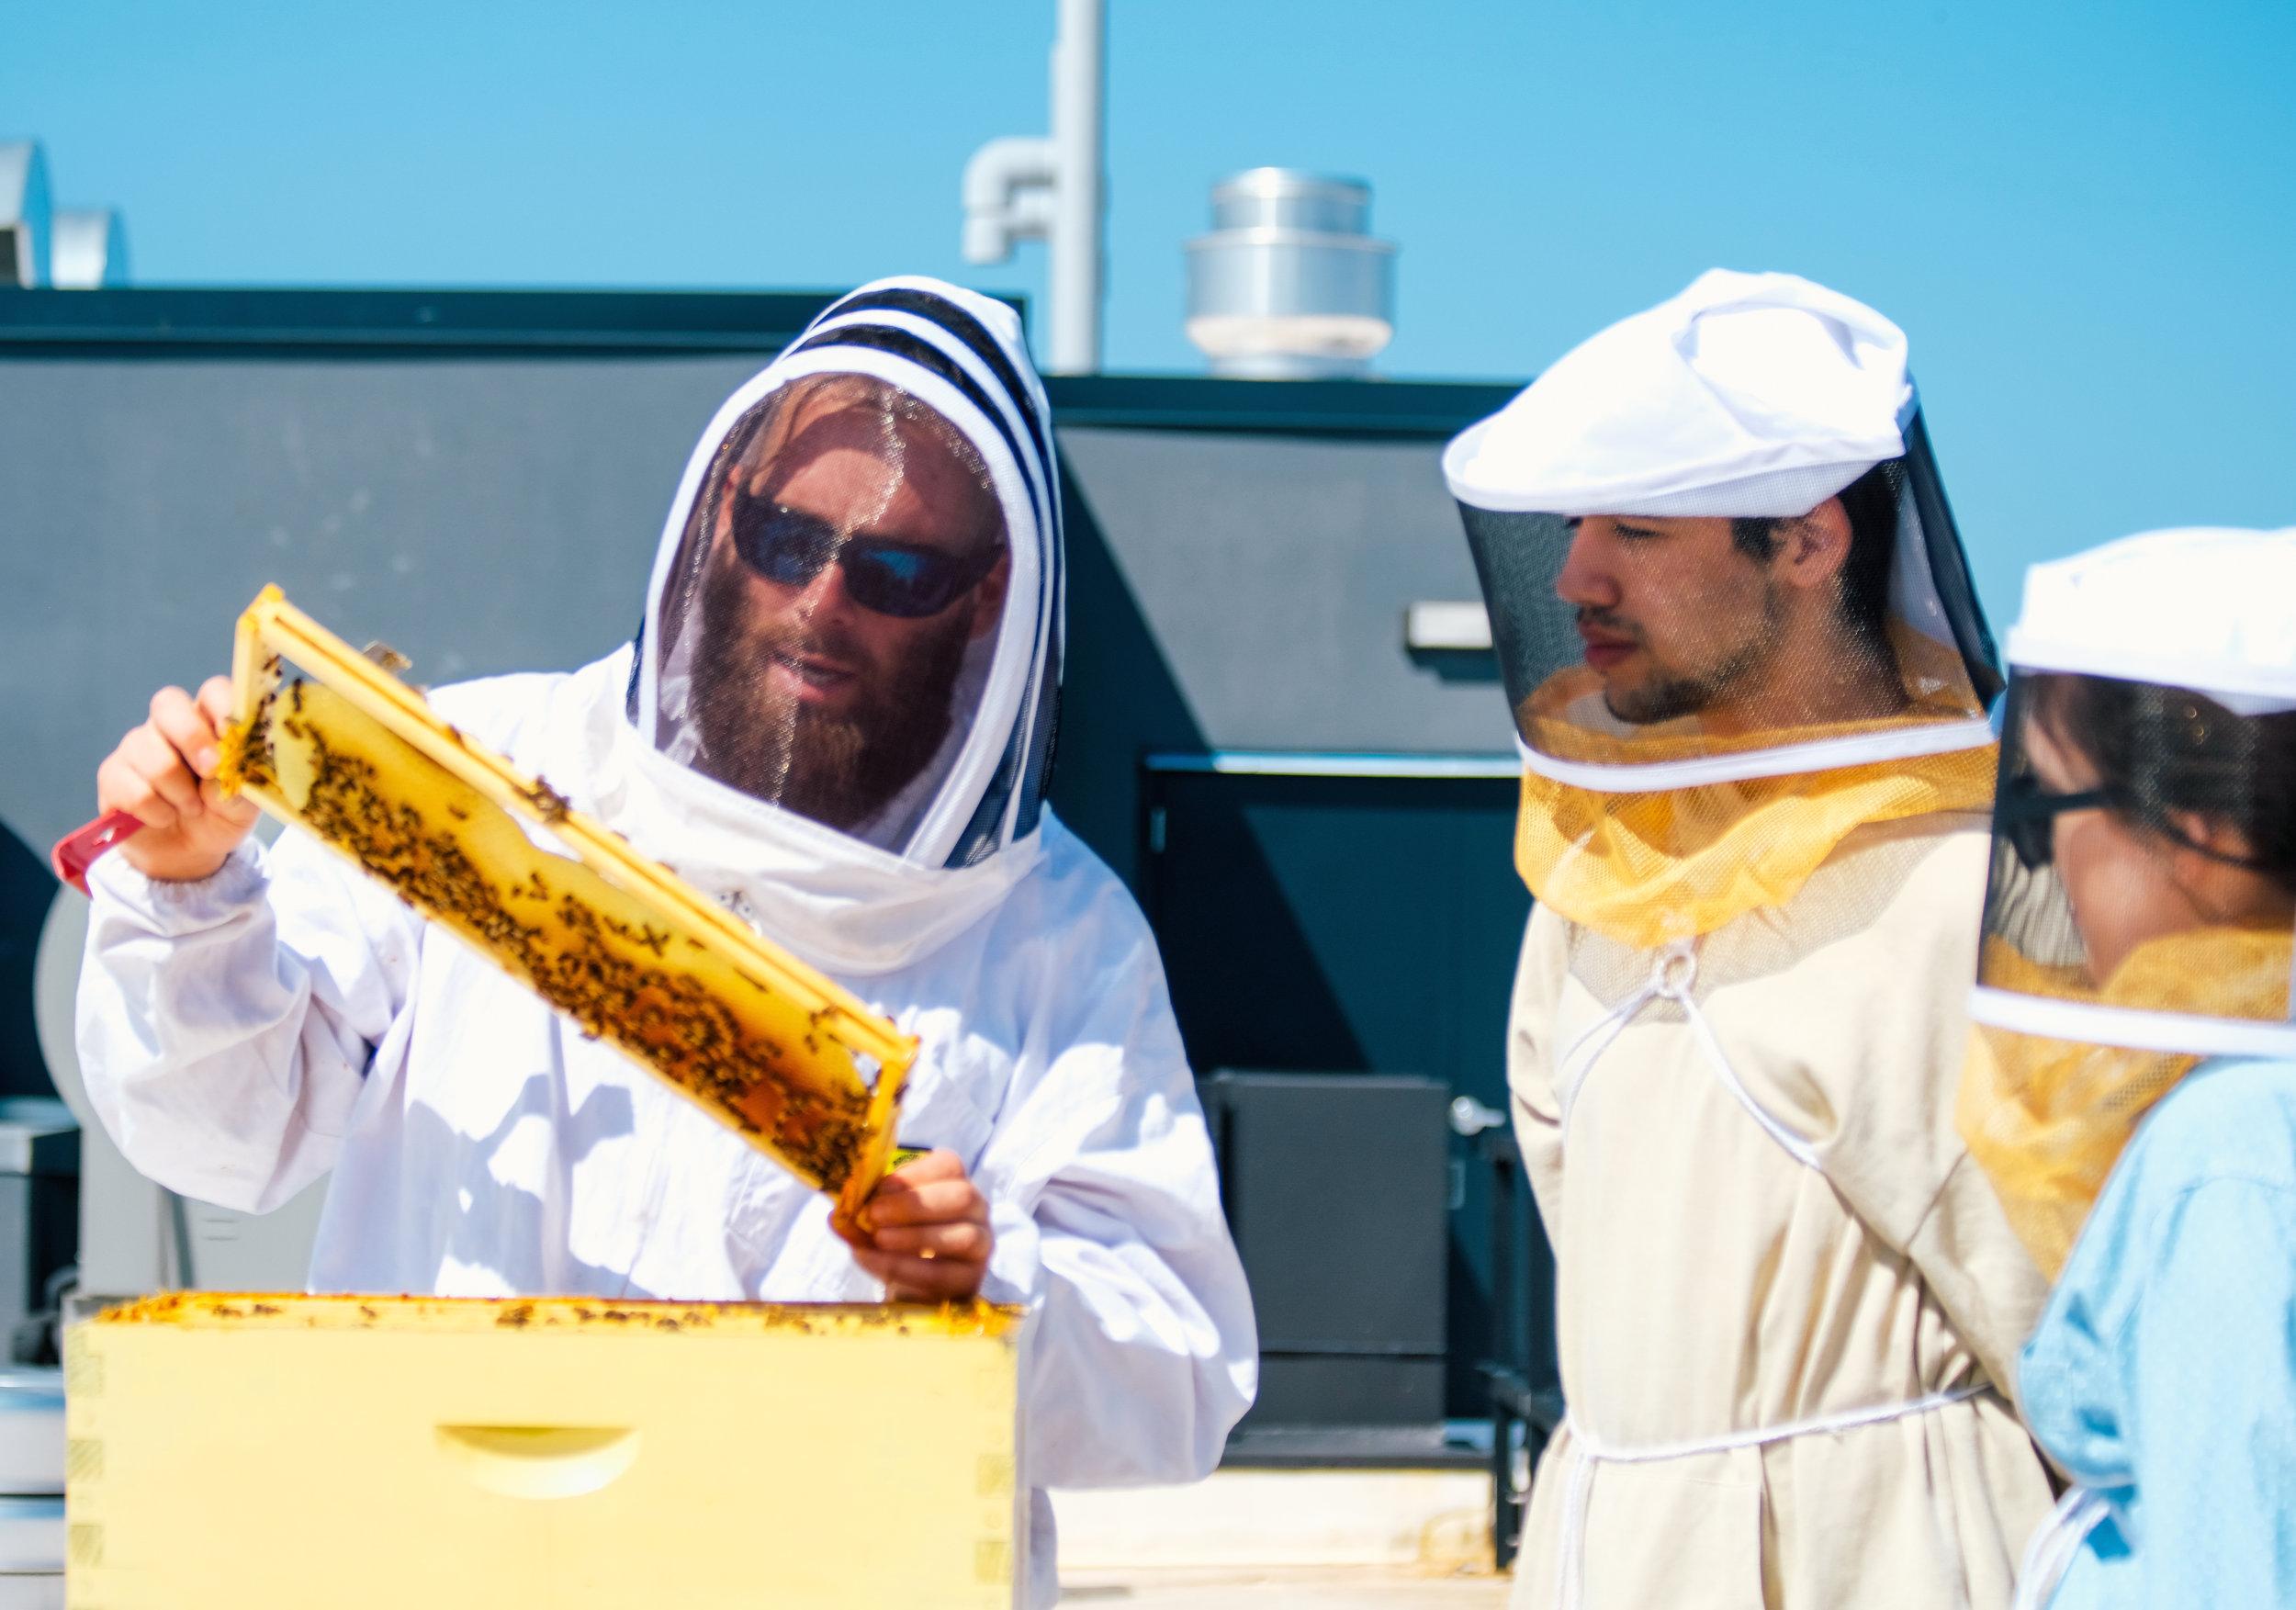 Bees_EmpressGreen-4.jpg